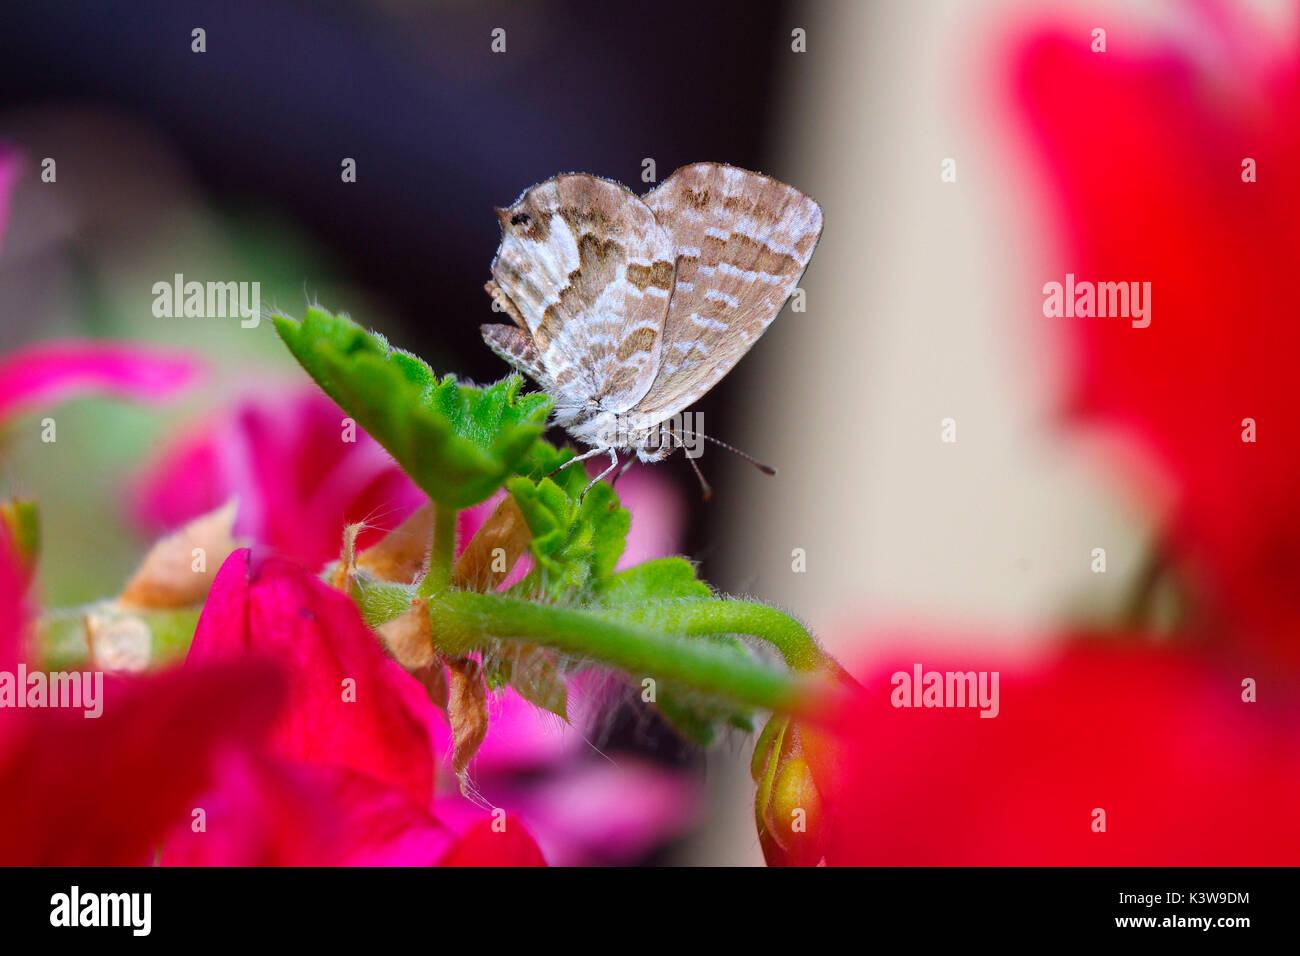 Cacyreus marshalli, alien specie di farfalle che proviene da Africa, su una foglia geranio Immagini Stock